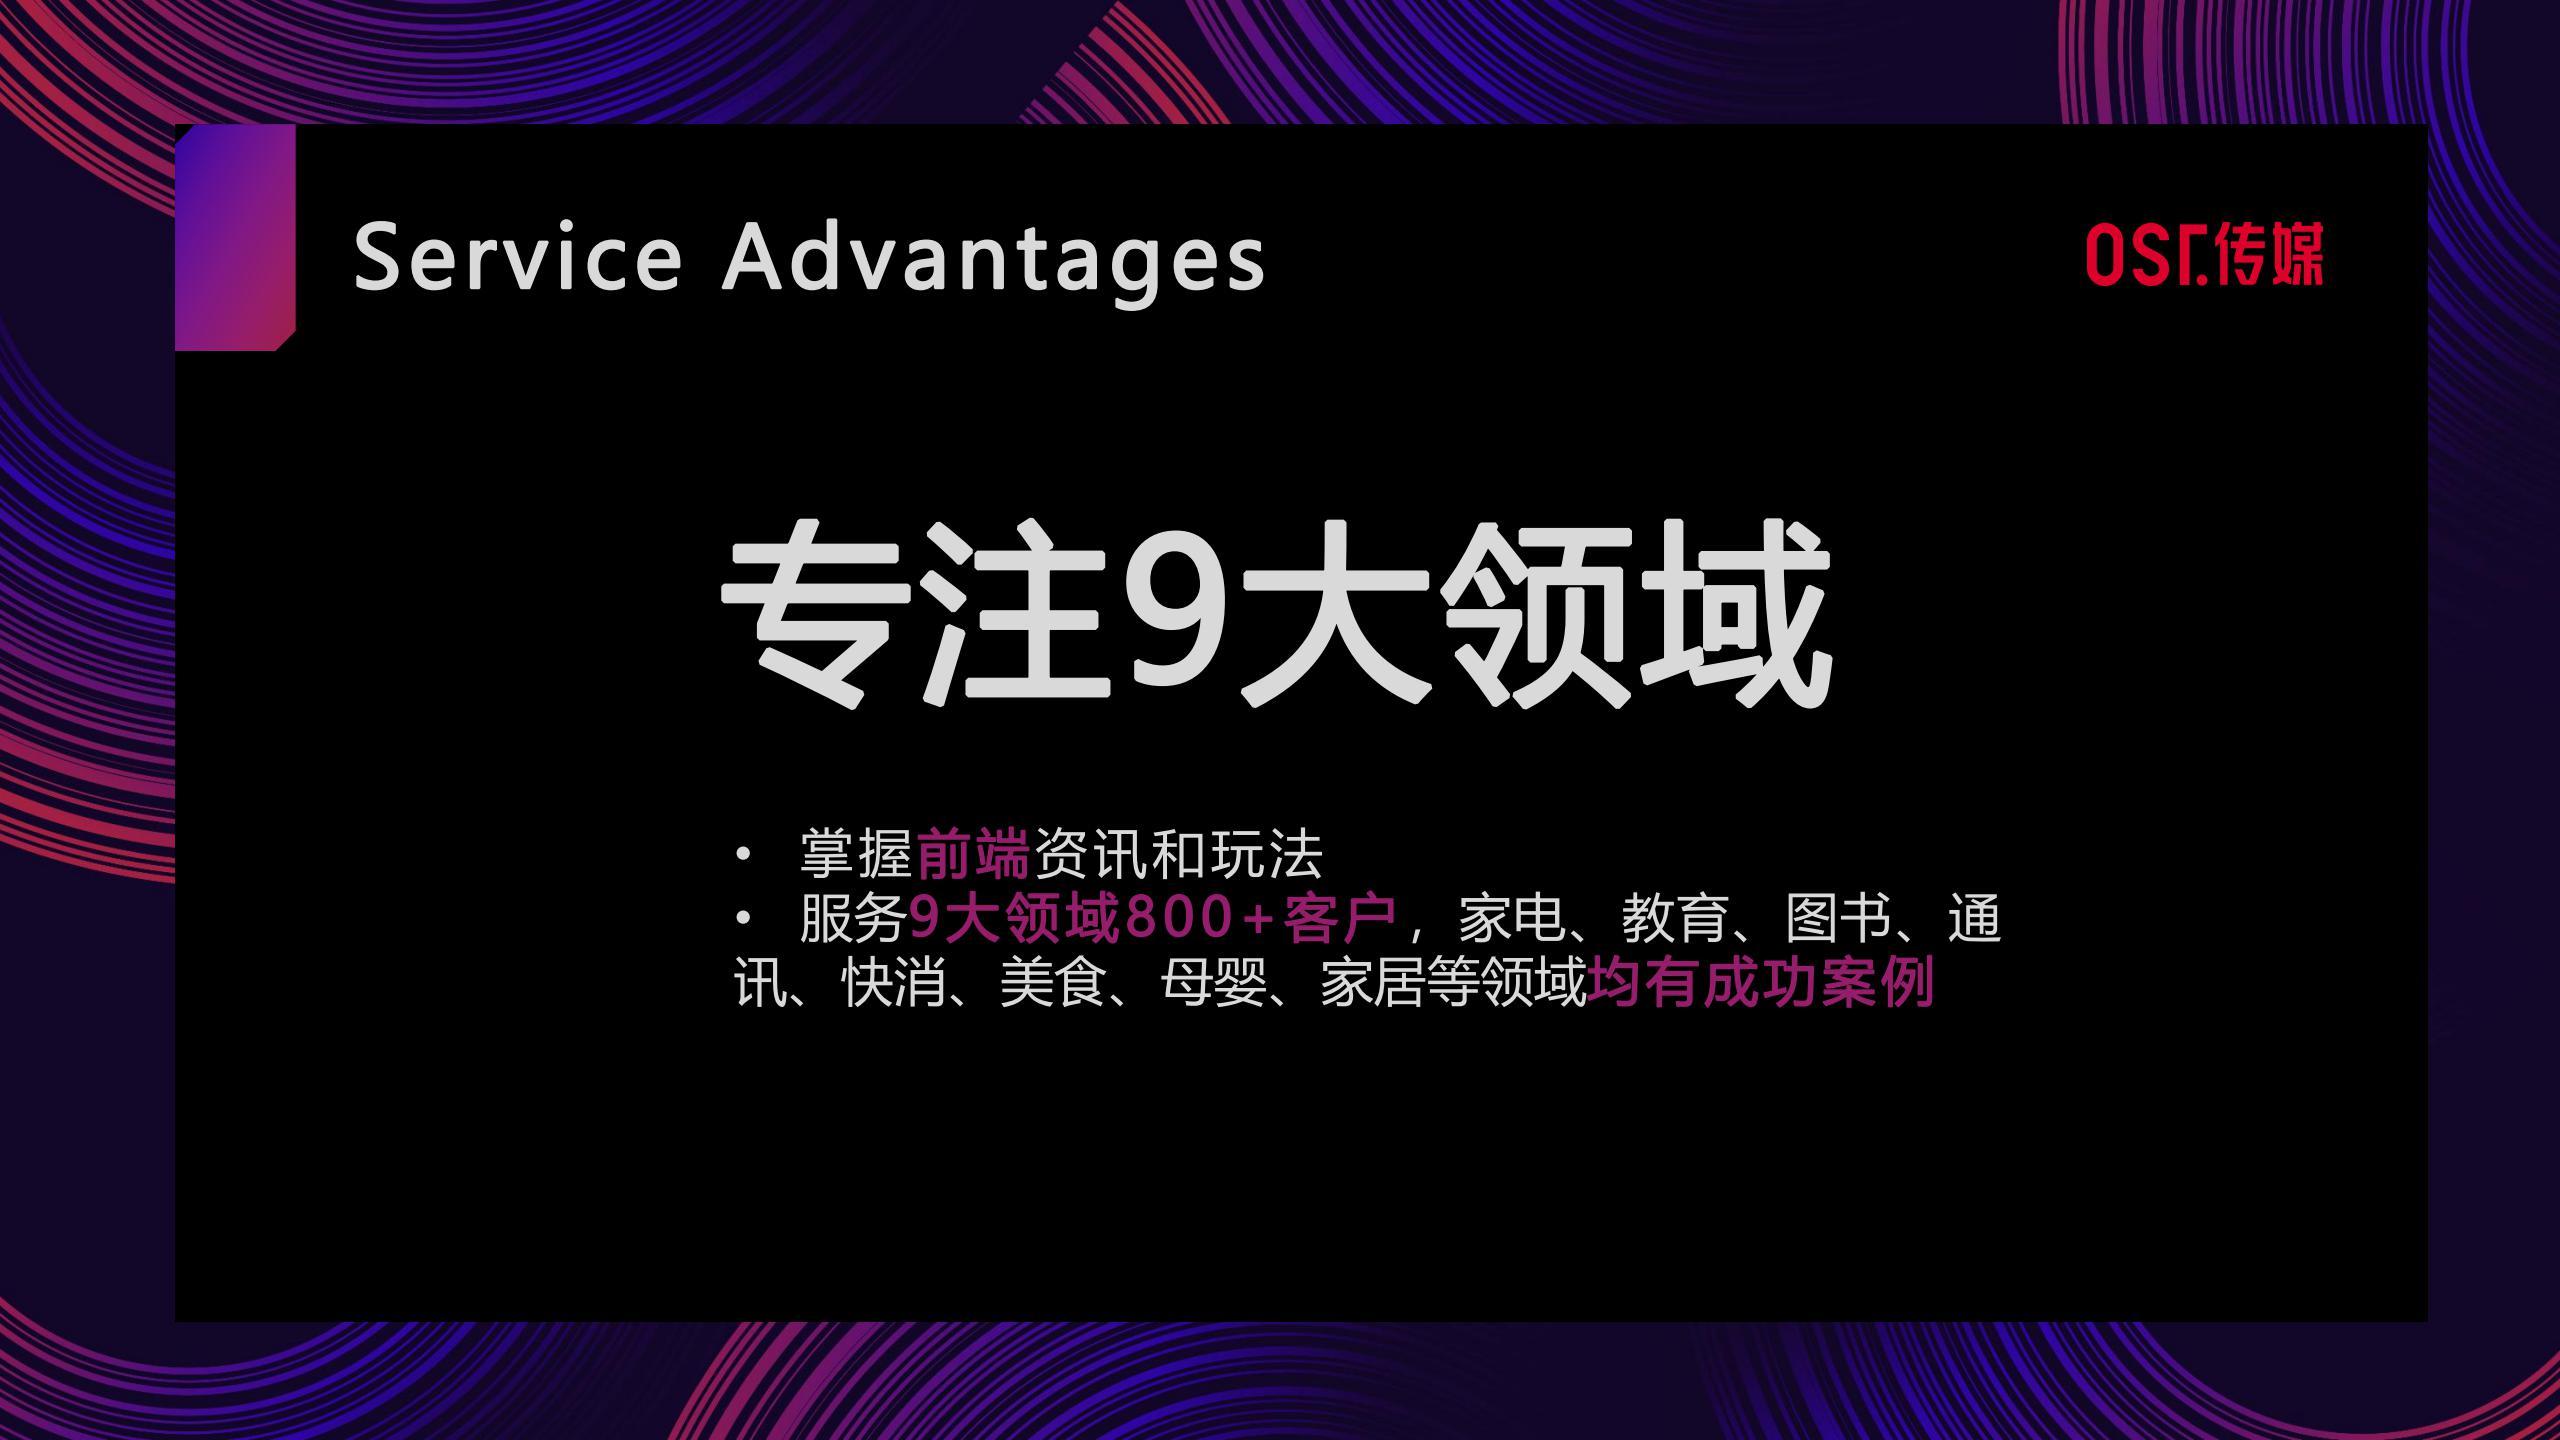 OST传媒短视频服务介绍第14张